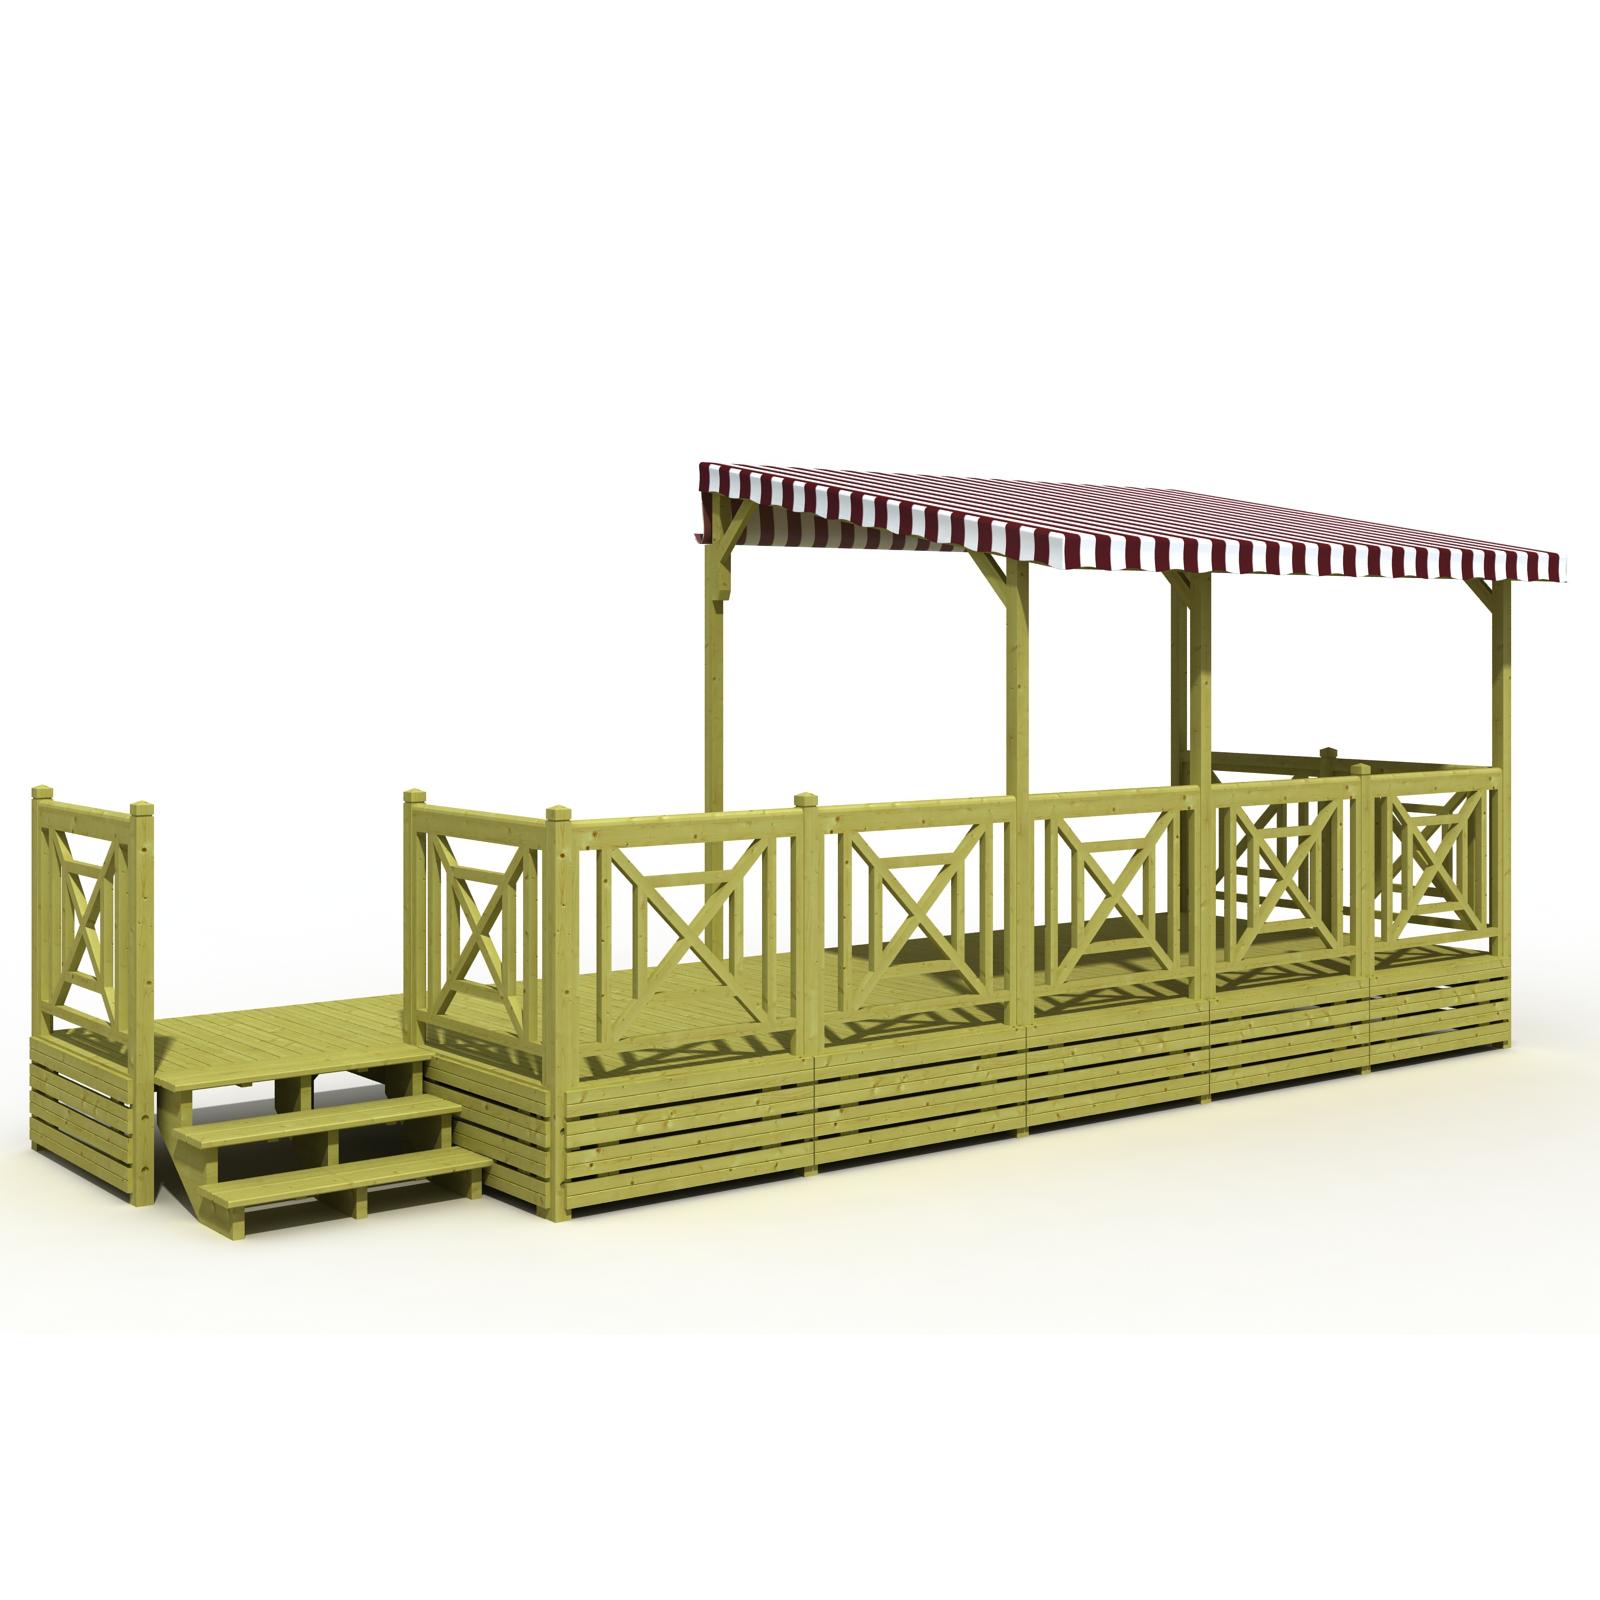 Terrasse mobil home bois avec sas et bâche de toit PVC semi couverte